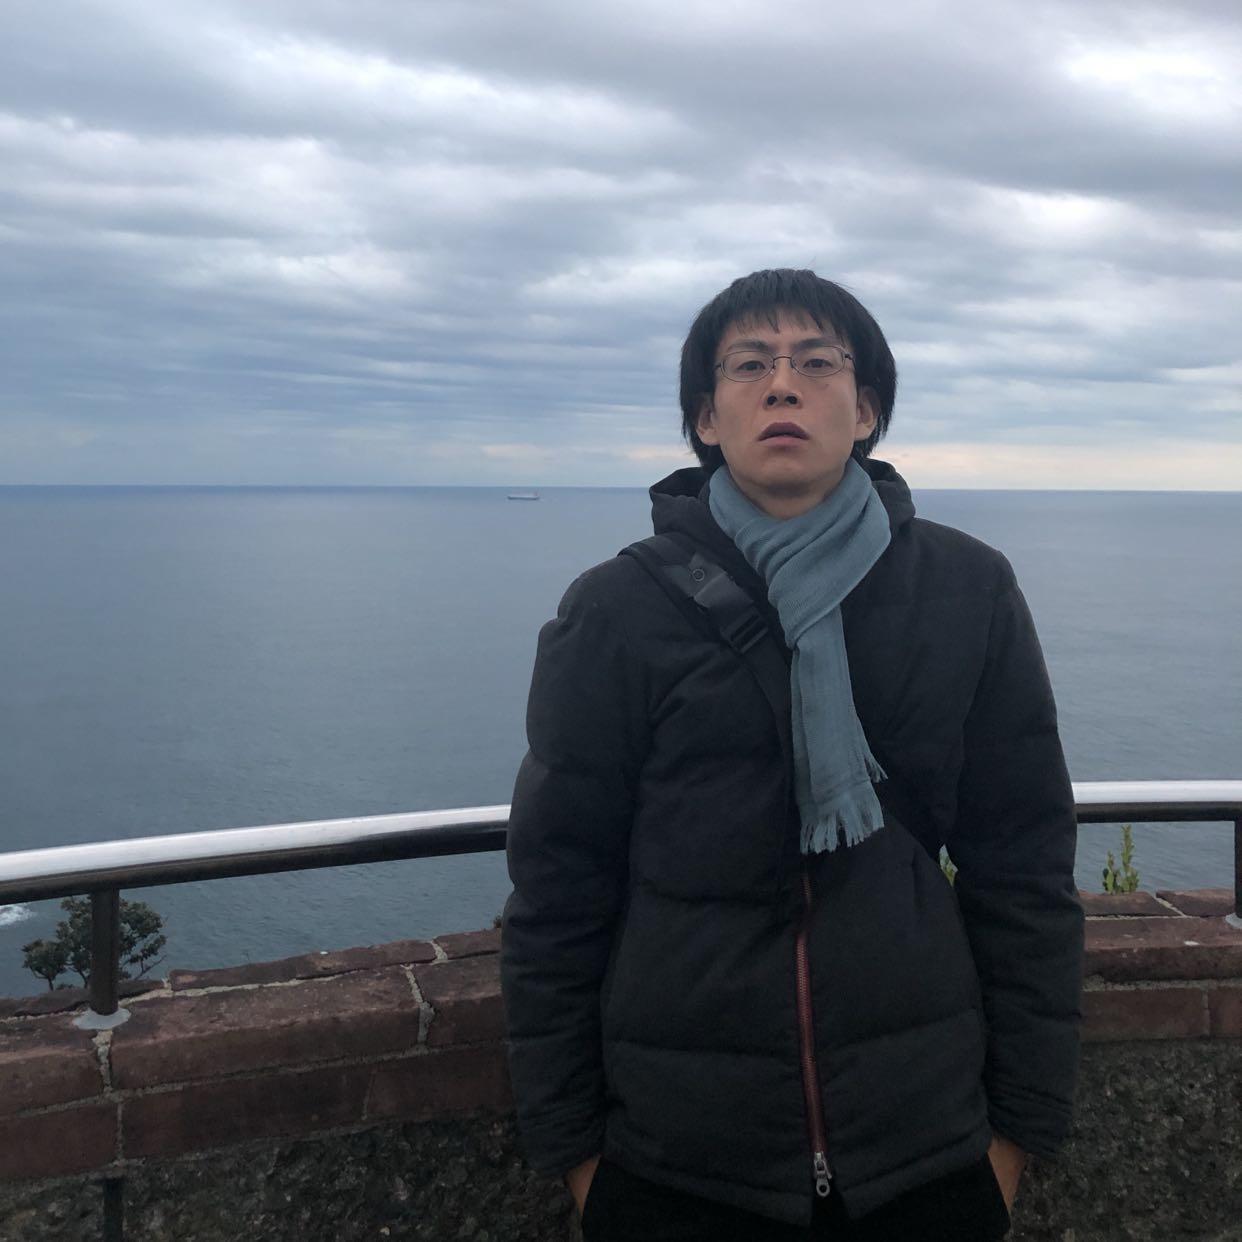 FumioKusanagi